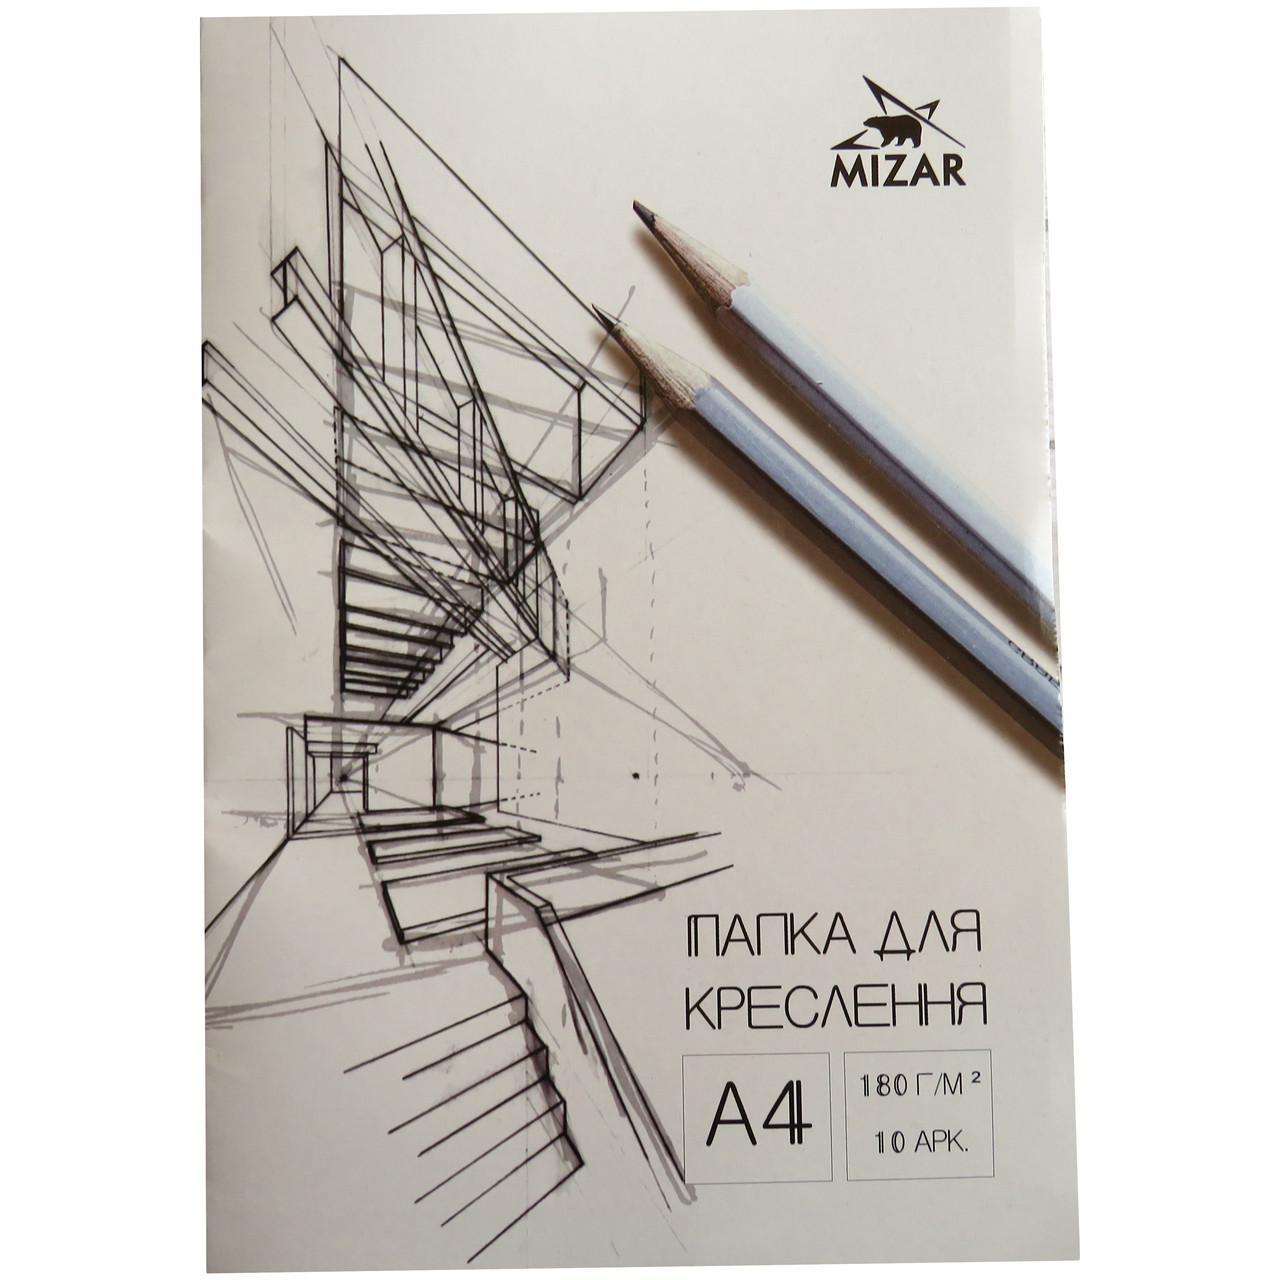 Папка (бумага) для черчения А4, Мицар, 10 листов 180 г/м²